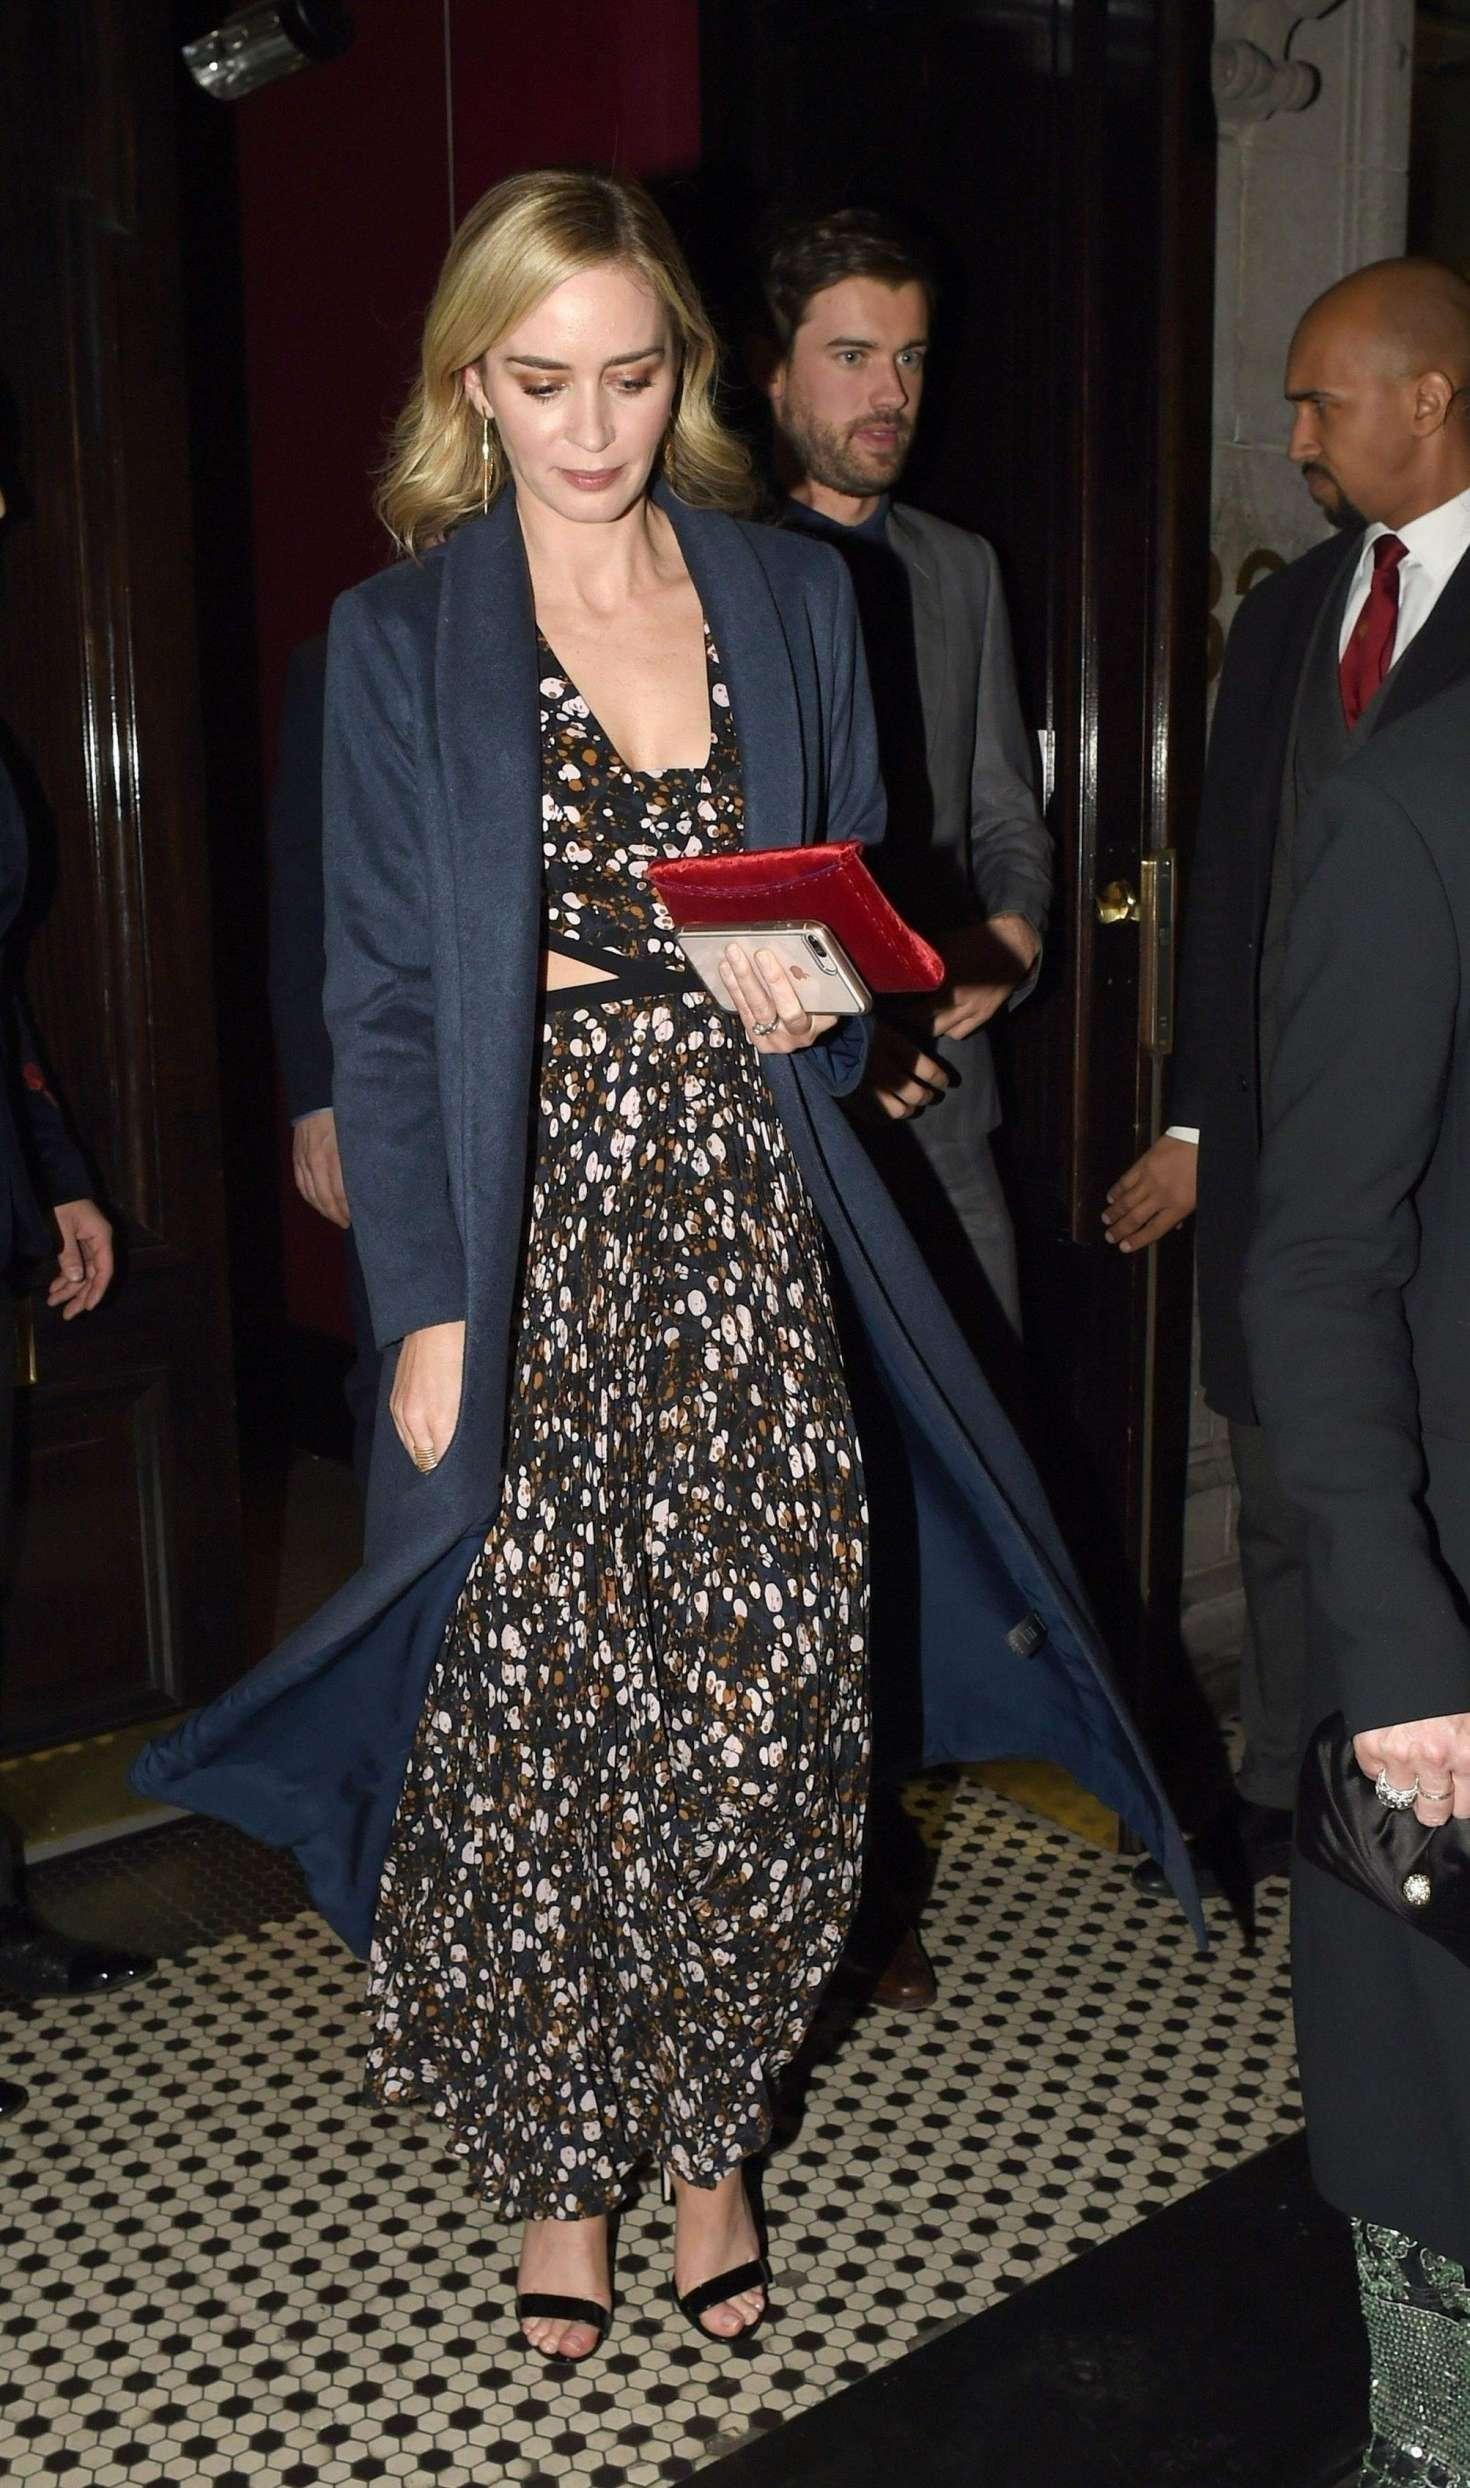 Emily Blunt - Leaving a swanky establishment in Mayfair